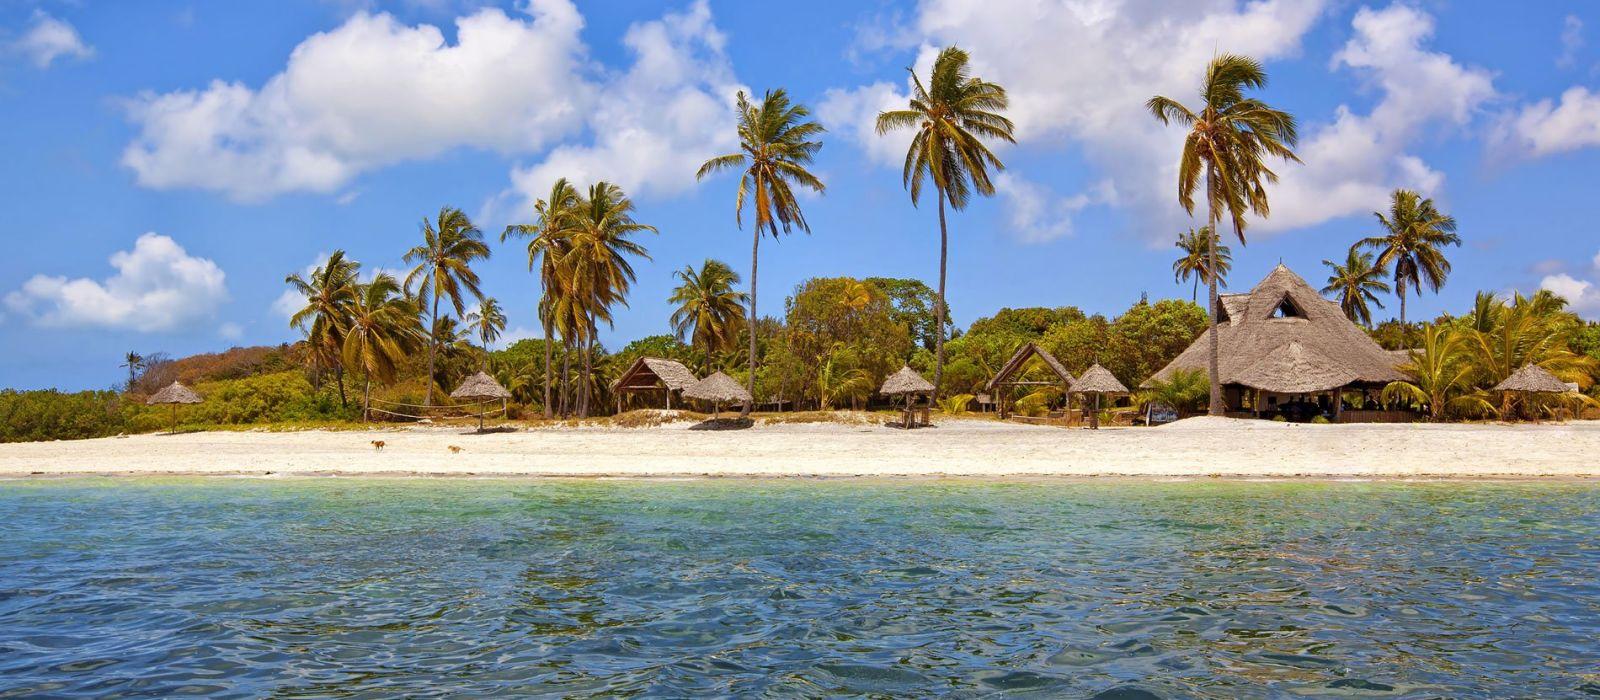 Destination Mafia Island Tanzania